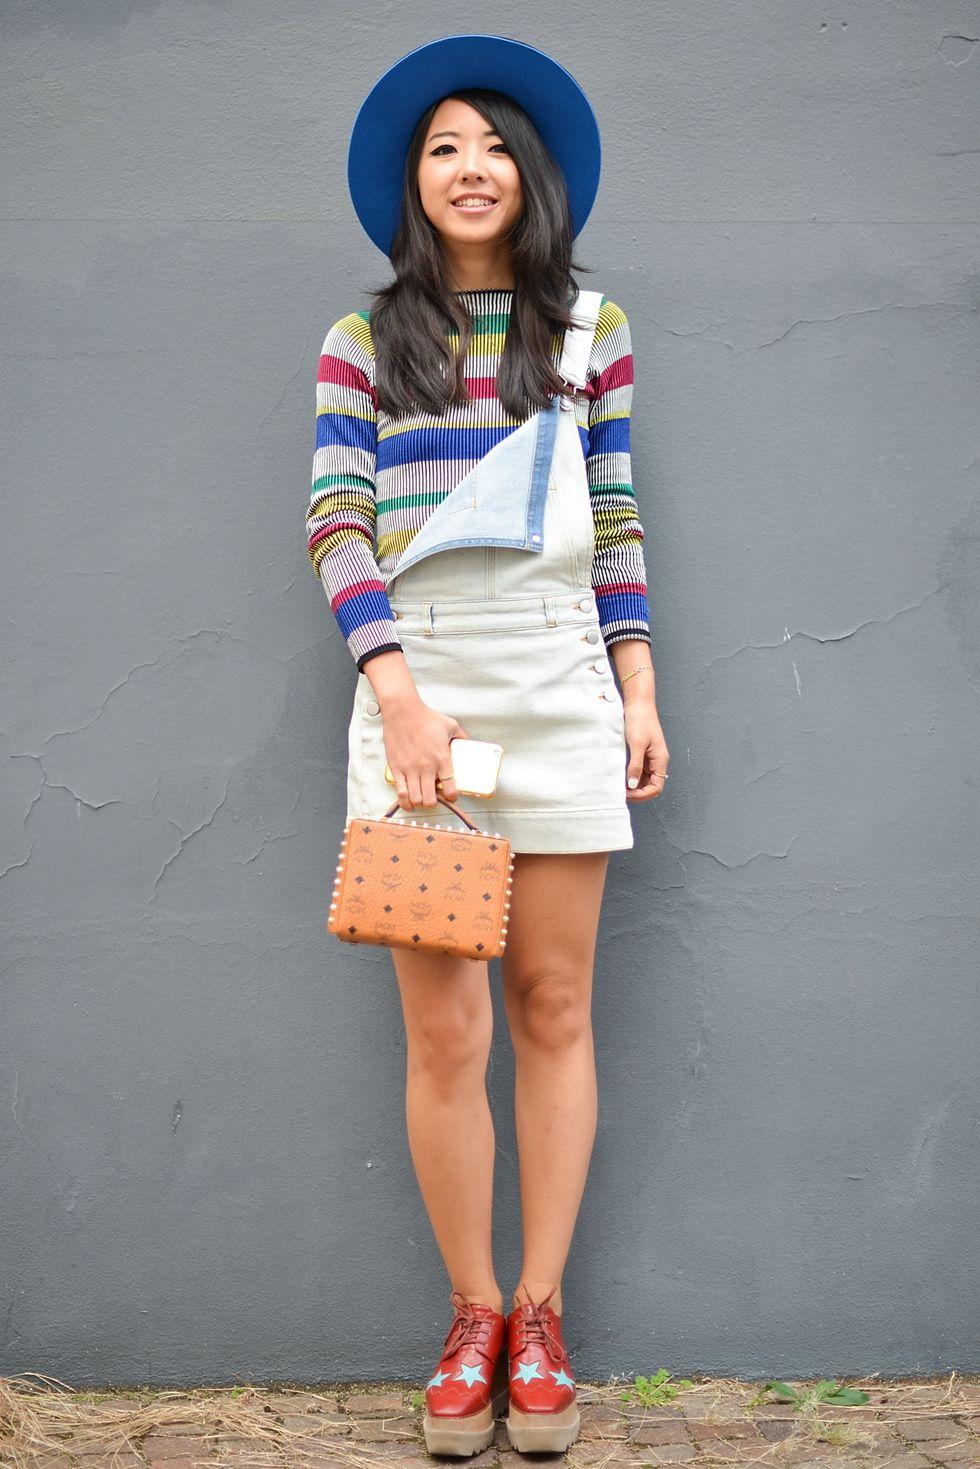 Mặc với áo len nhẹ Khi thời tiết cho phép, bạn sẽ có thể mặc quần short denim với áo len nhẹ như Yuwei Zhangzou đã làm. Đây là những gì chúng tôi gọi là cái nhìn đầu mùa xuân hoặc mùa thu, hay còn gọi là khi nhiệt độ không quá nóng cũng không quá lạnh